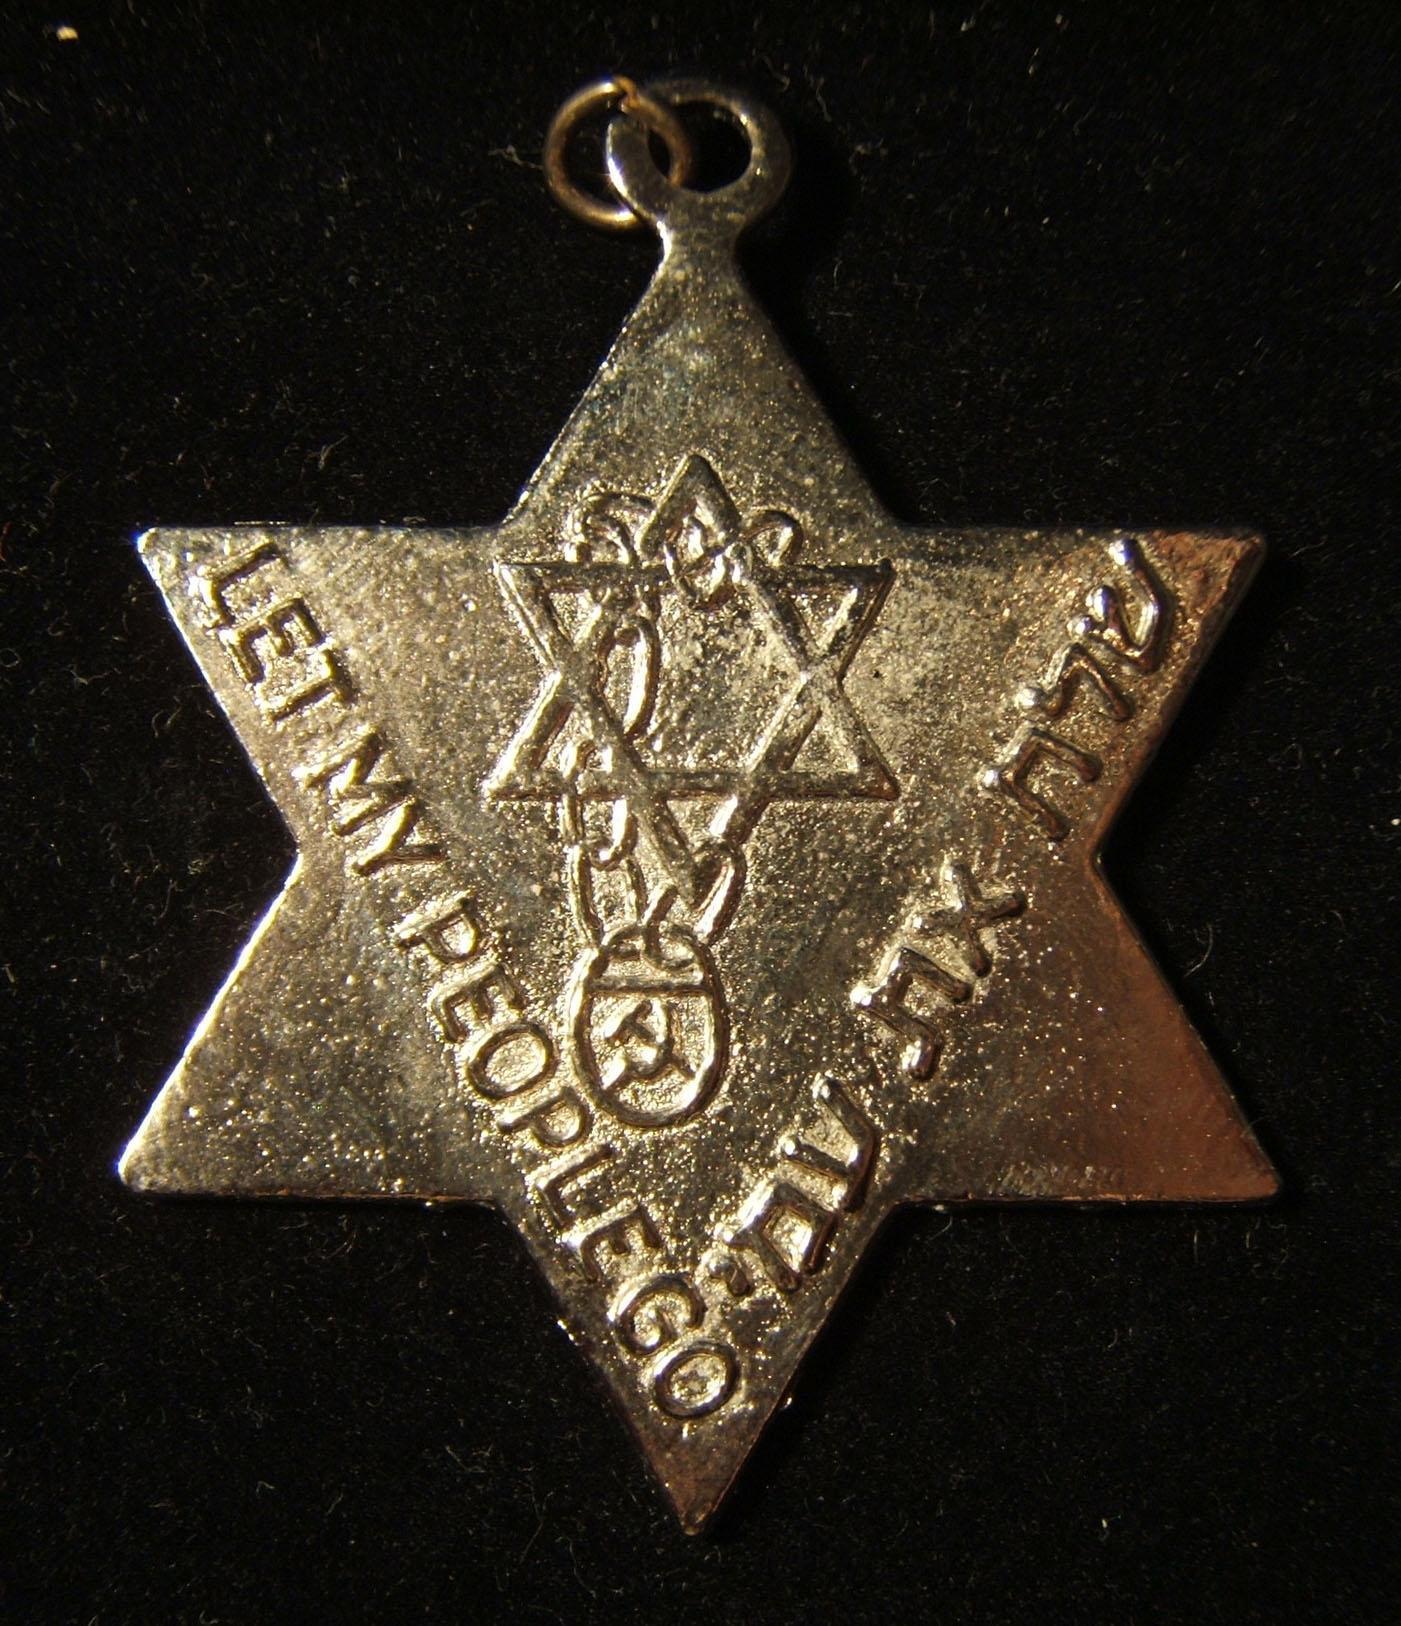 أميركان يهودية سجين رأي ضمير ريفوسنيك بذكرى بوريس بنسون